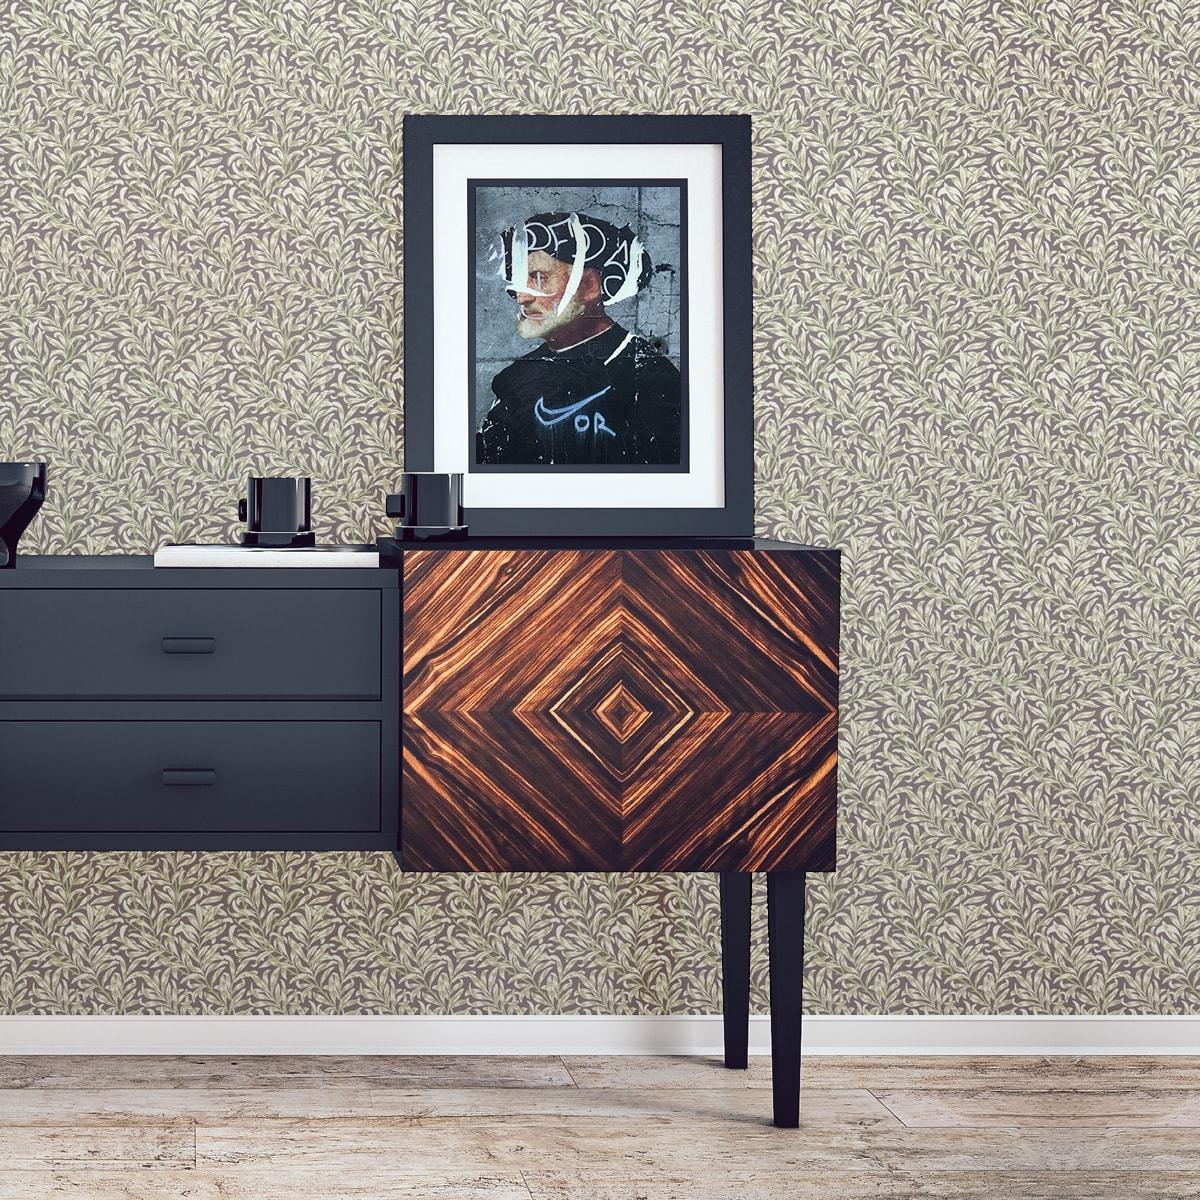 """Tapete für Büroräume dunkel braun: Vintage Jugendstil Tapete """"Wilde Weiden"""" nach William Morris, braune Vlies Tapete Blumen Natur, elegante Wanddeko für Flur, Büro"""